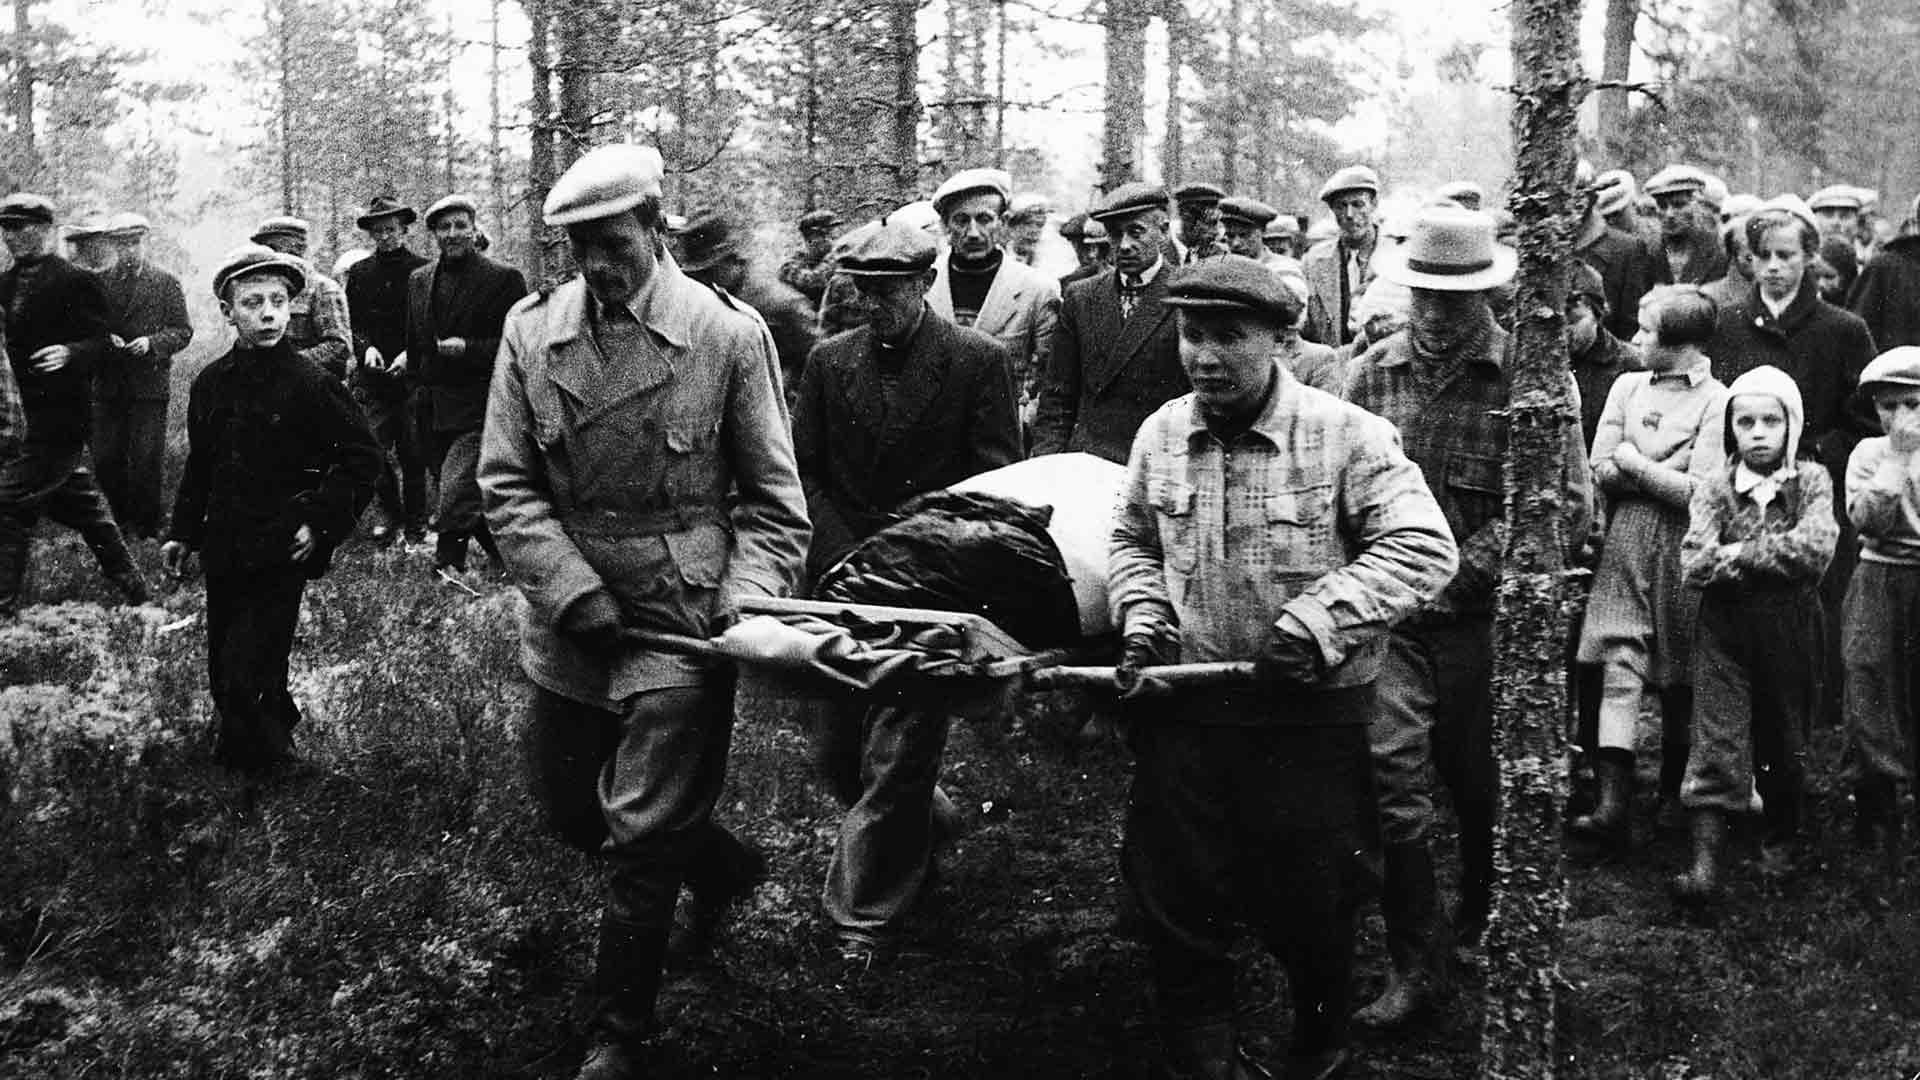 Kyllikki Saari murhattiin 17.5.1953. Hän oli kuollessaan vain 17-vuotias. Ruumis kannettiin väkijoukon keskeltä autoon.